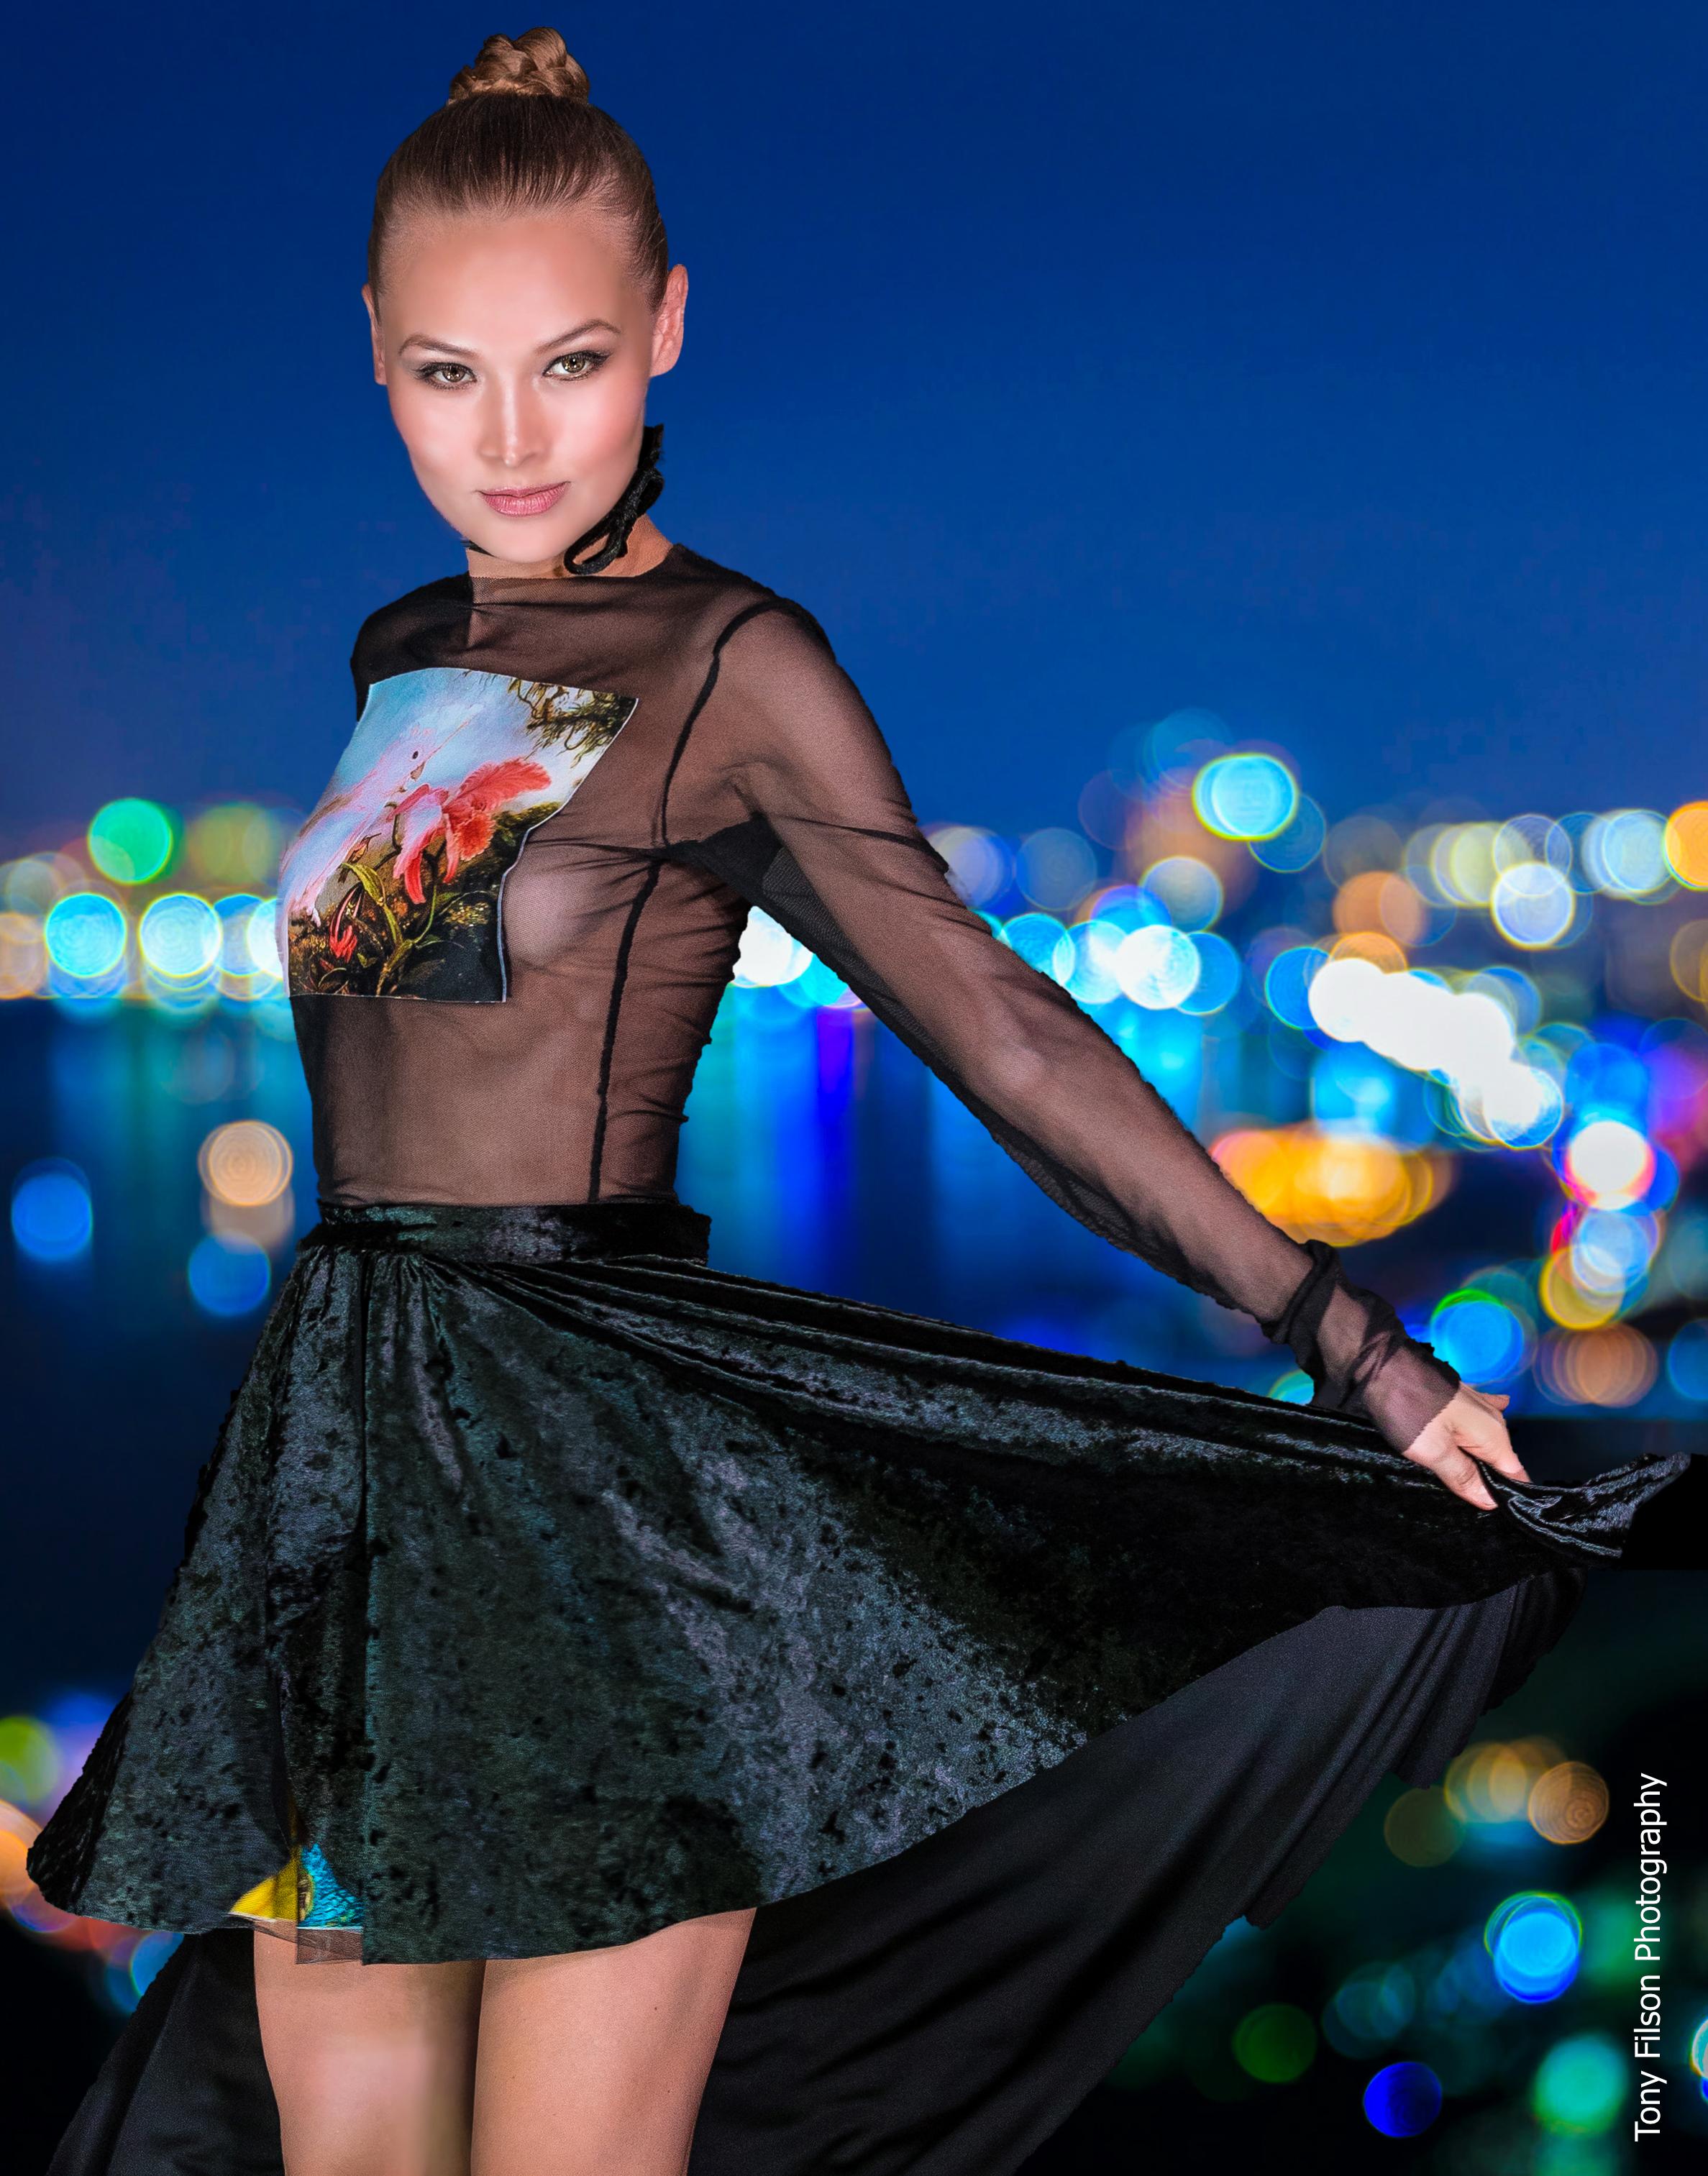 Stefaniya Makarova for Olga Papkovitch